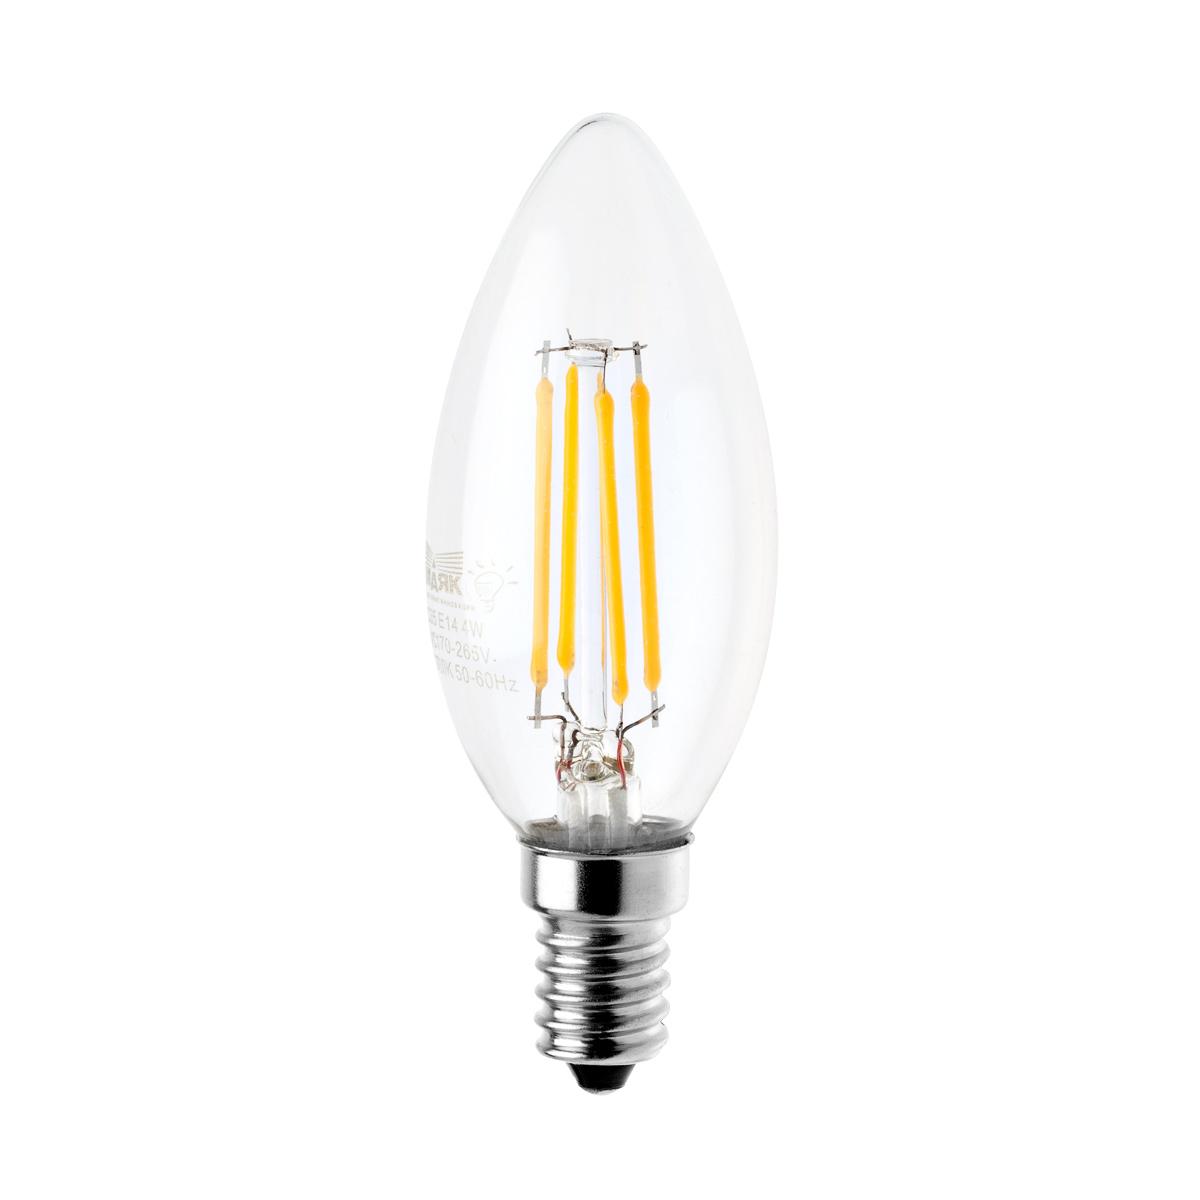 Лампа светодиодная МАЯК Led-c35f/4w/2700 лампа ультрафиолетовая f 4w bl368 g5